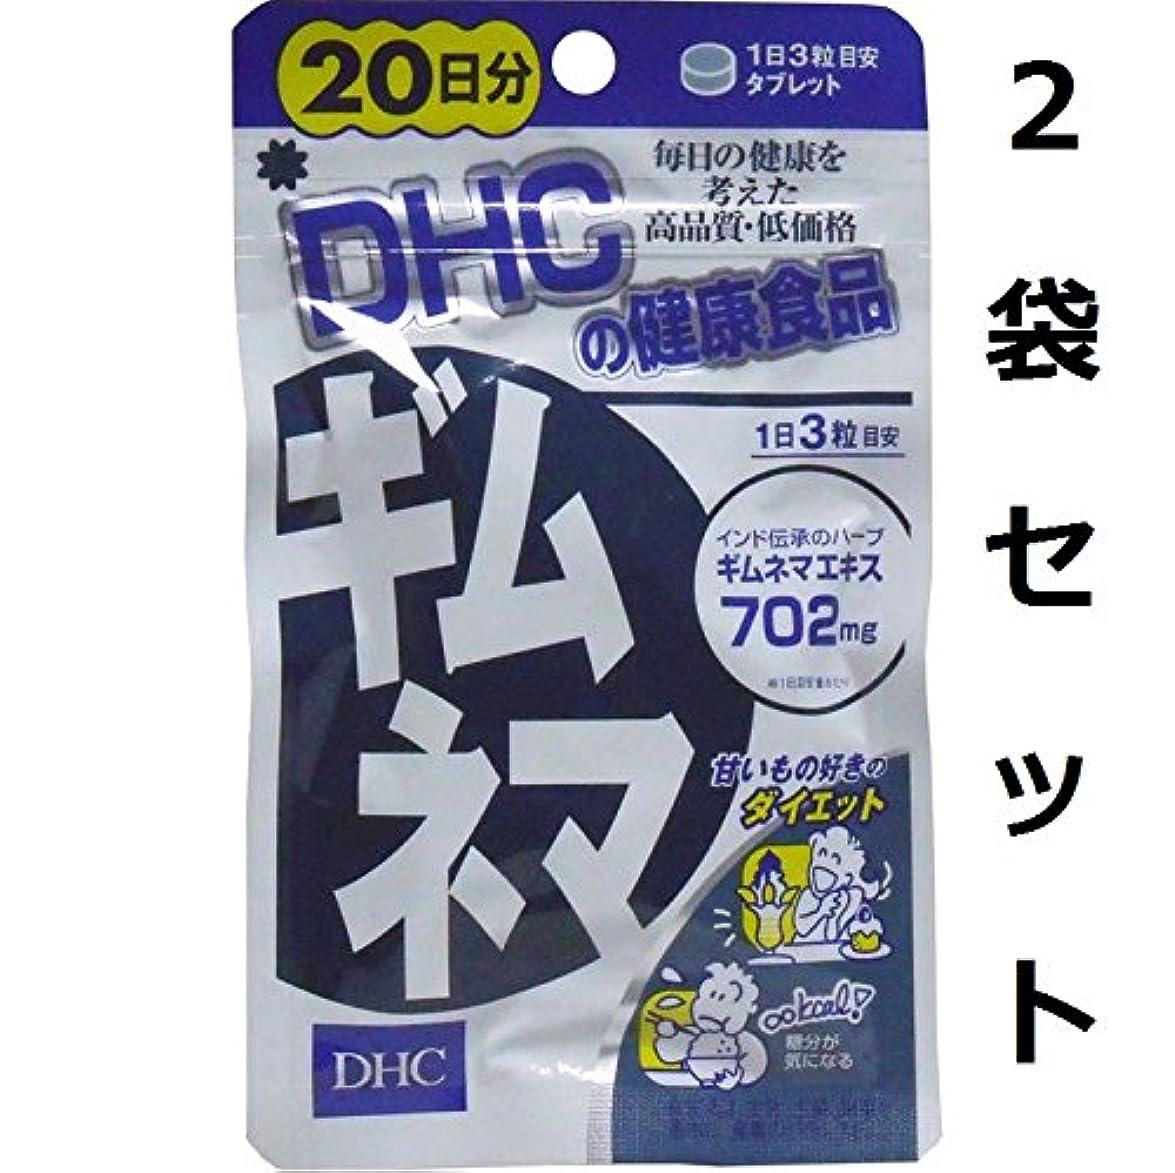 ペチュランス補助旅行代理店我慢せずに余分な糖分をブロック DHC ギムネマ 20日分 60粒 2袋セット